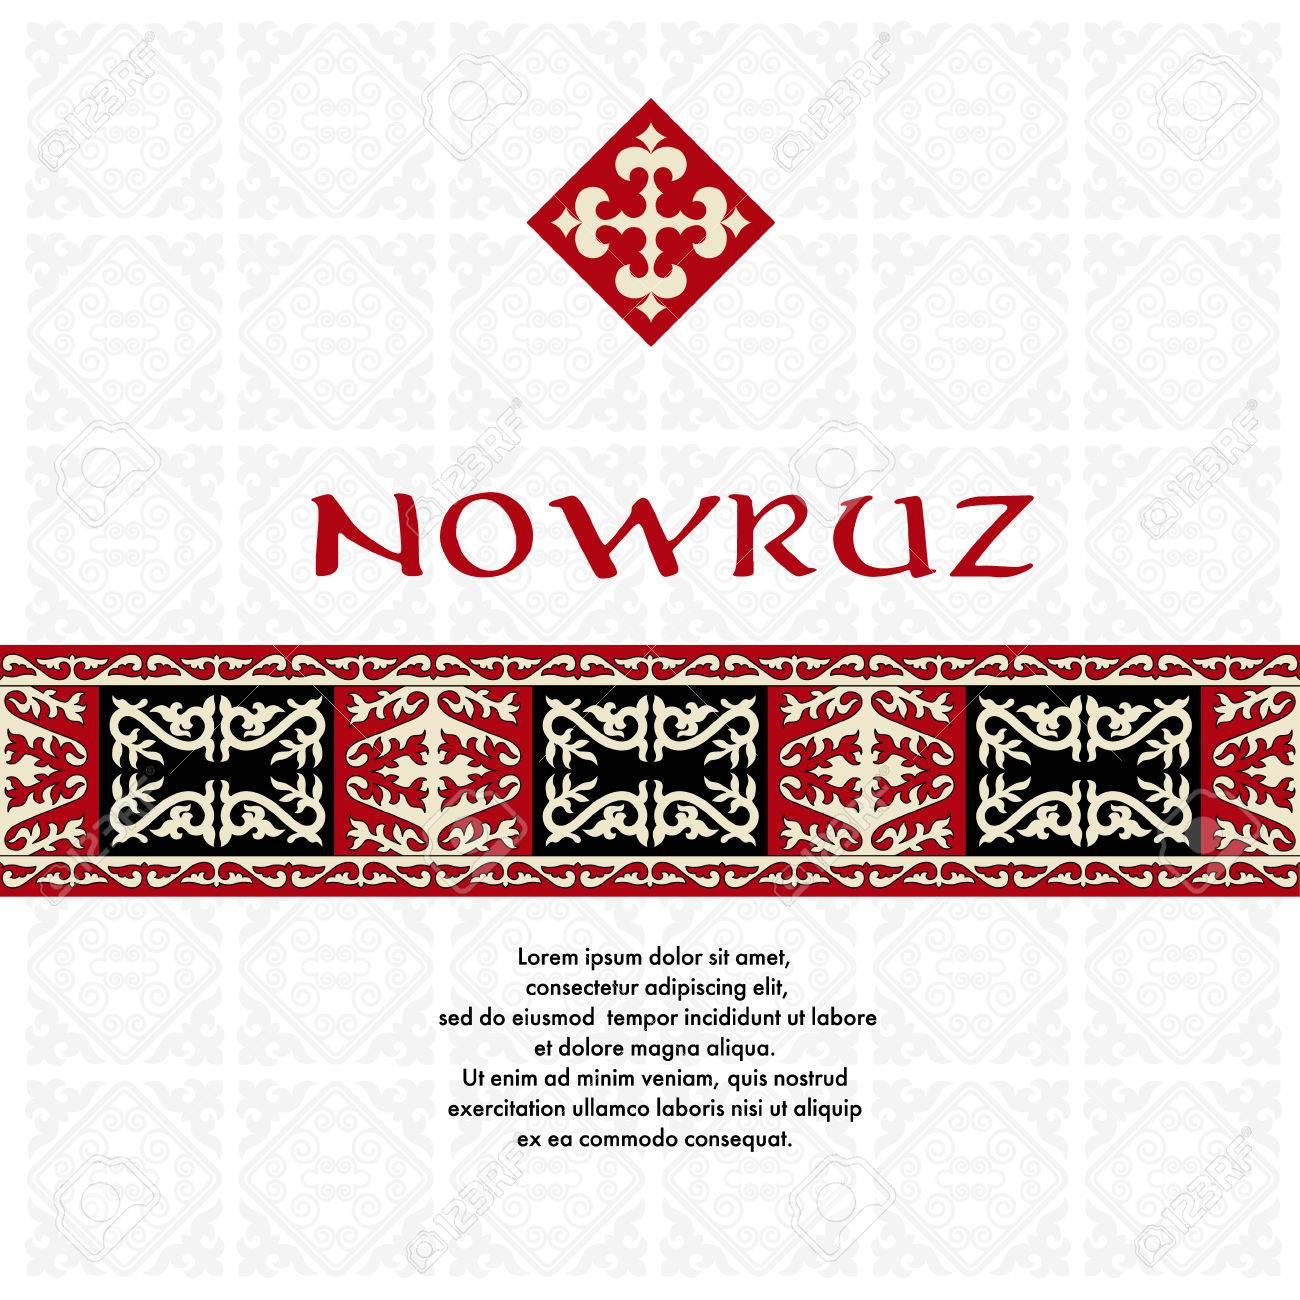 Nowruz Frühling Lustig Urlaub Grußkarte Mit Asiatischen Ornamenten